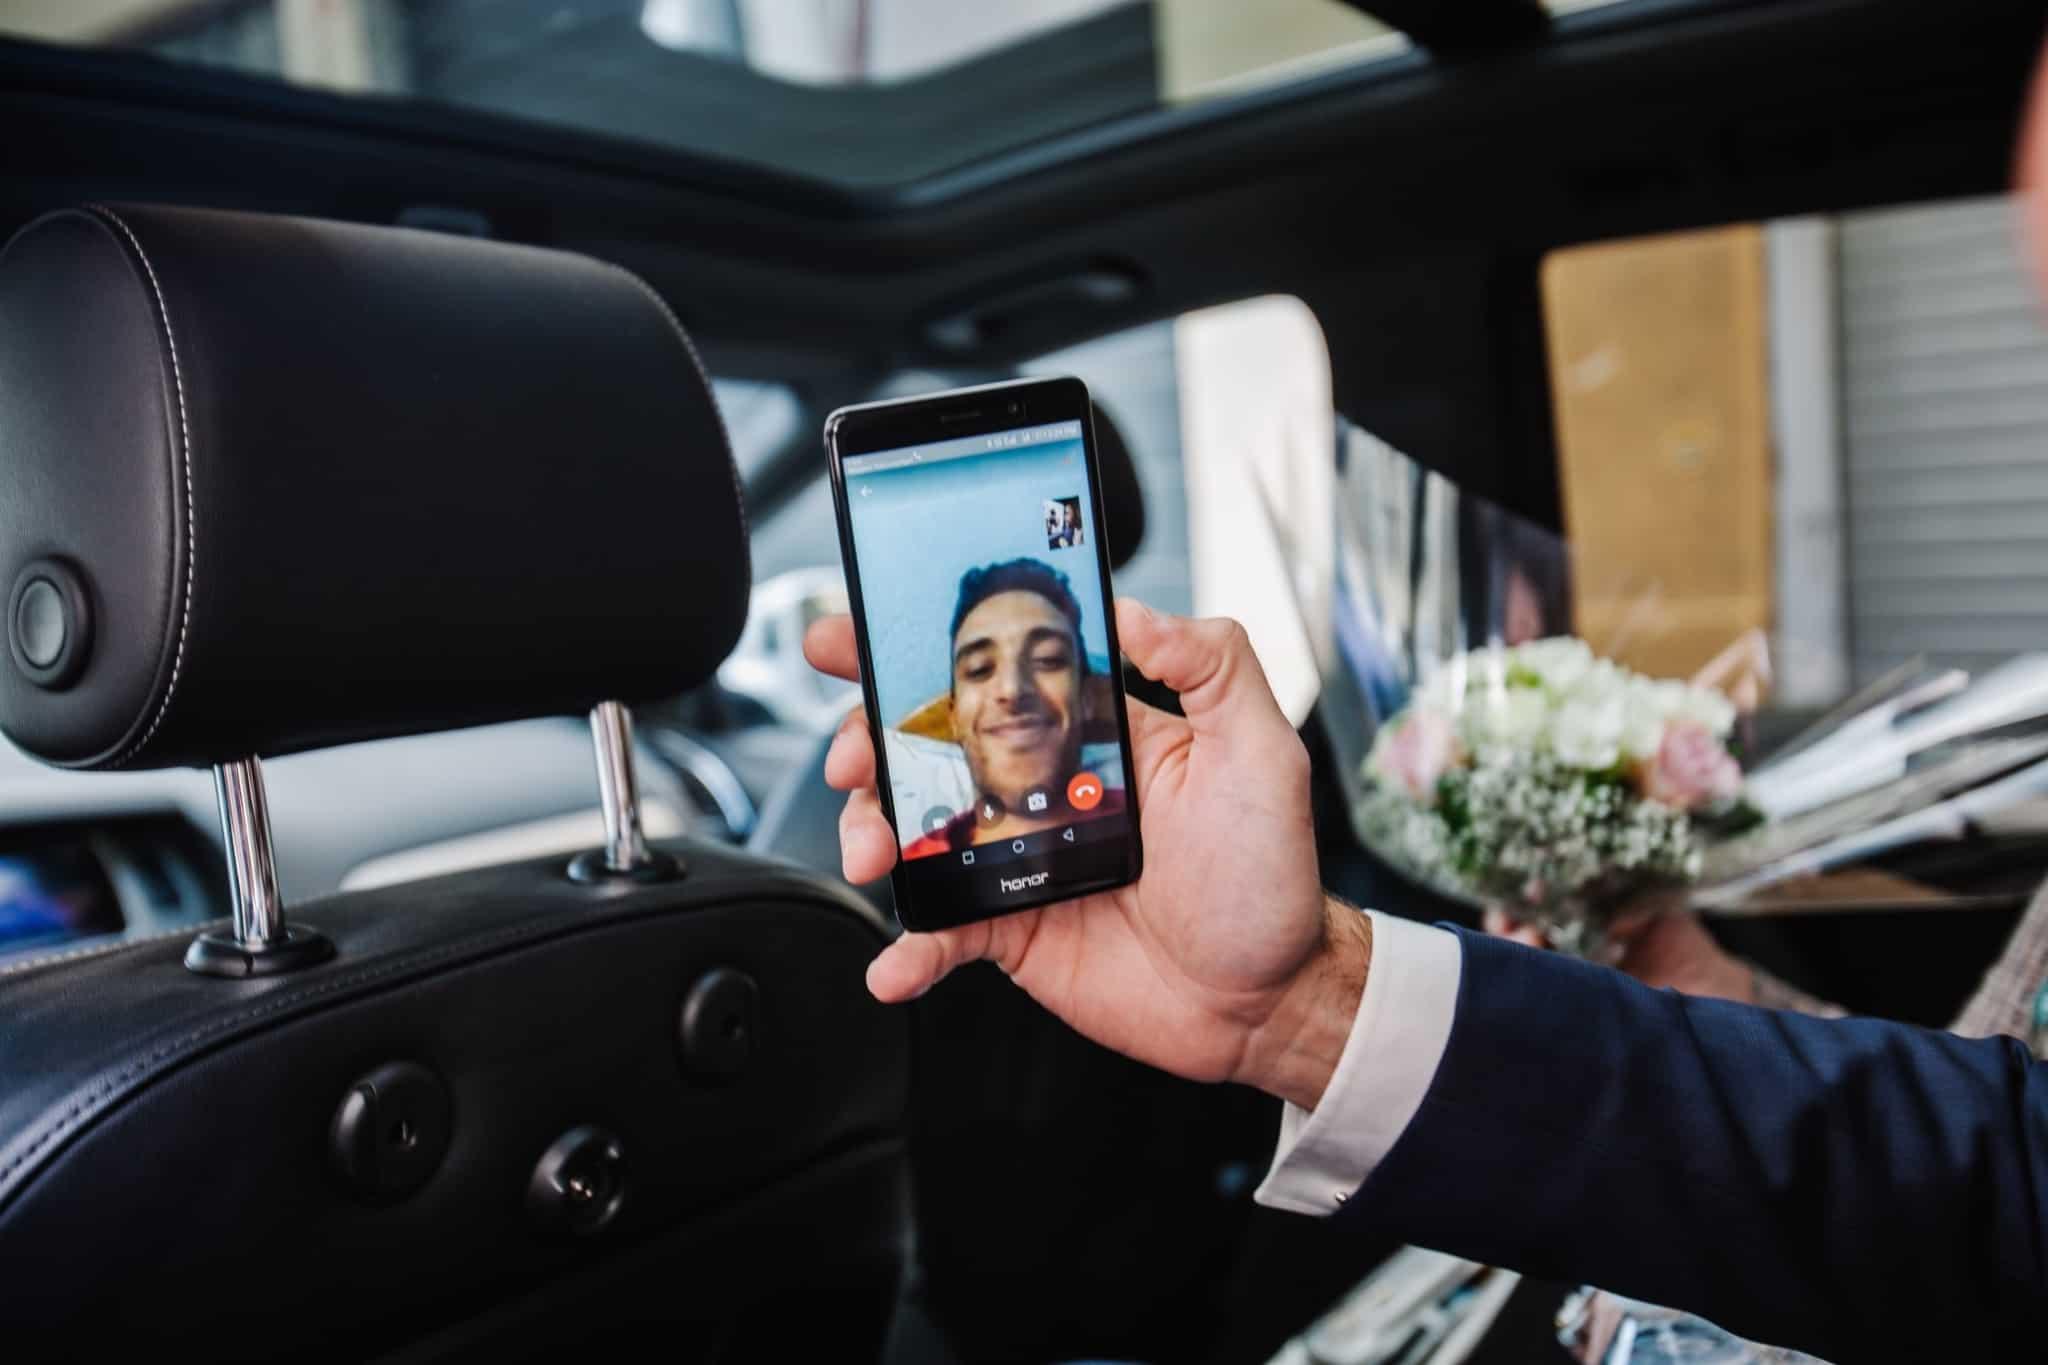 video conferencia em telemovel no carro